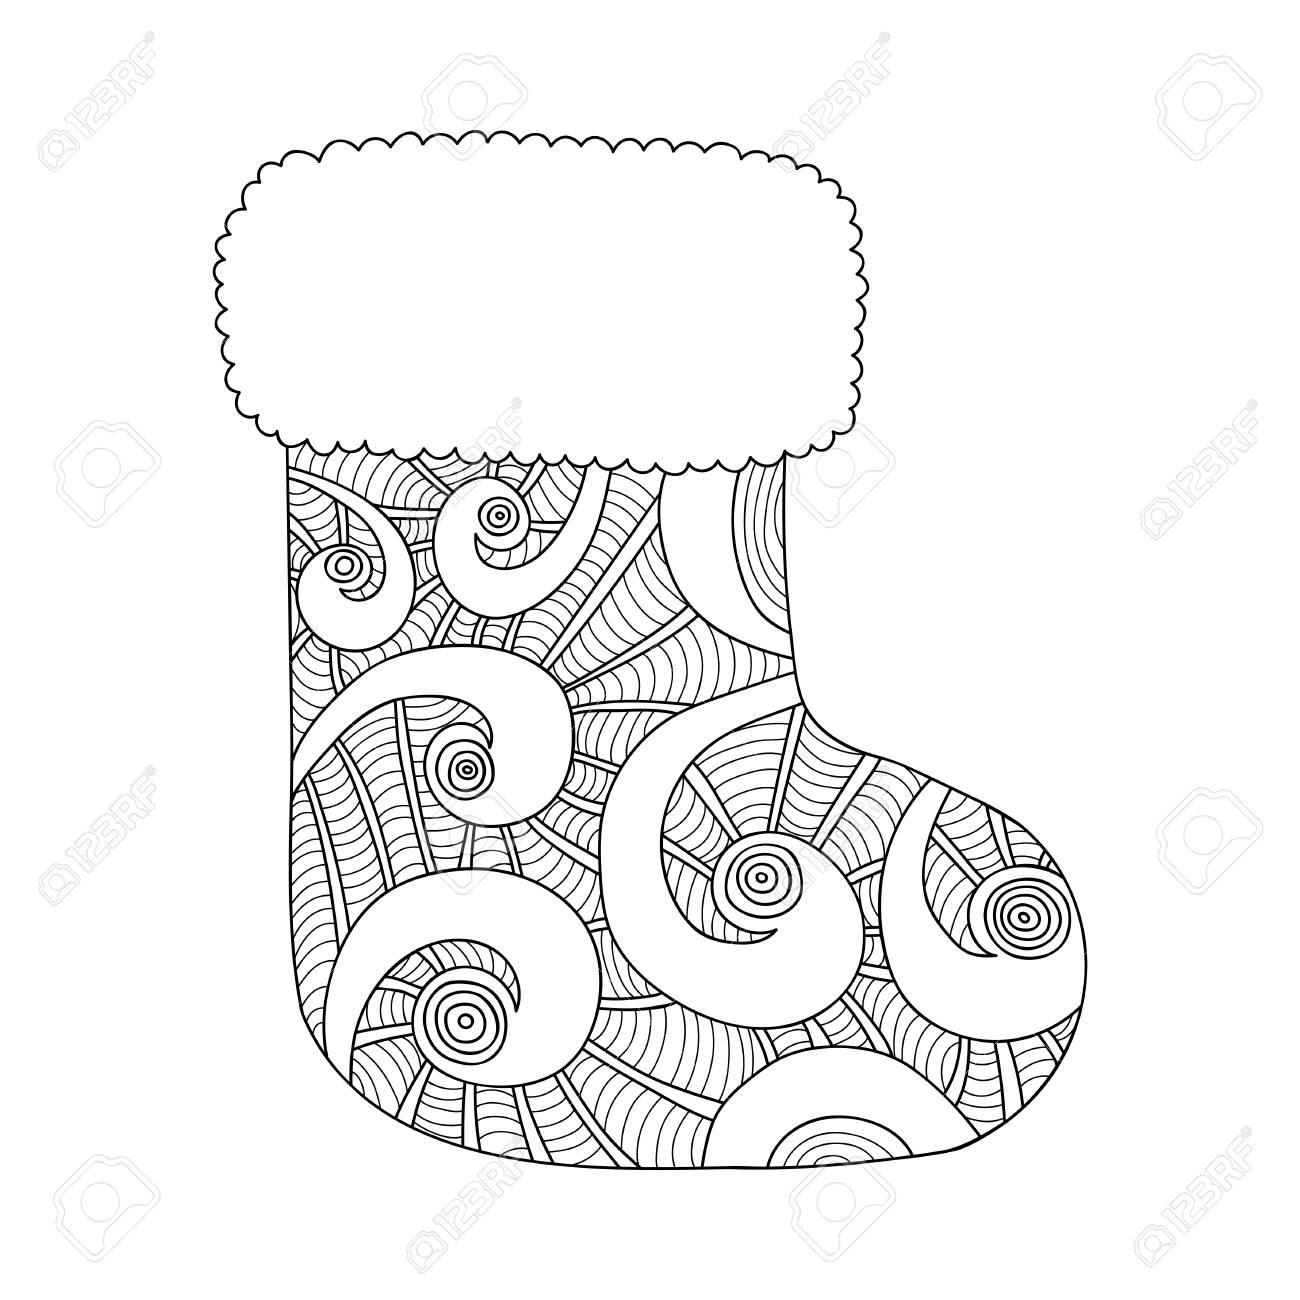 Weihnachtsstrumpf Für Geschenke. Schwarz-Weiß-Illustration Zum ...